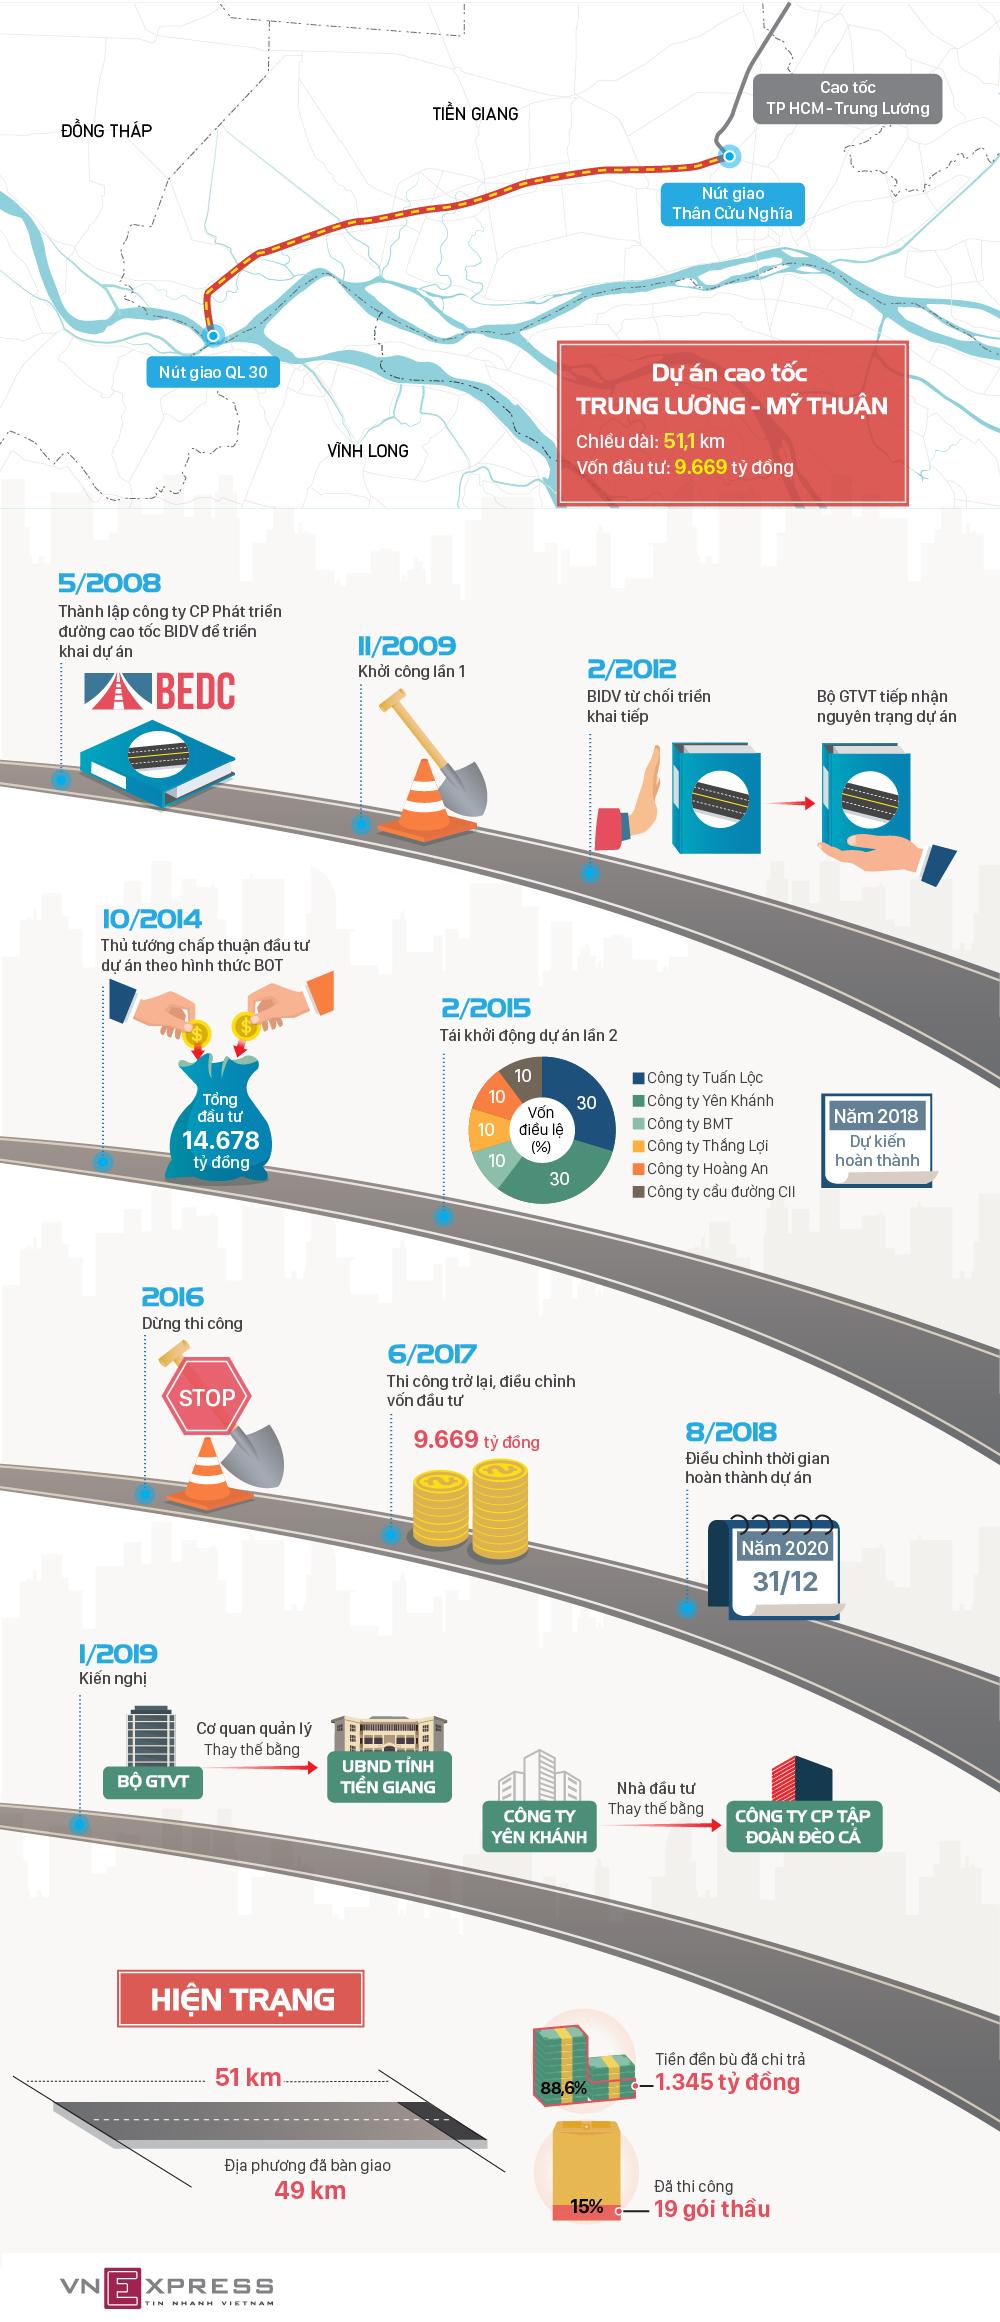 10 năm xây dựng dở dang của cao tốc Trung Lương - Mỹ Thuận